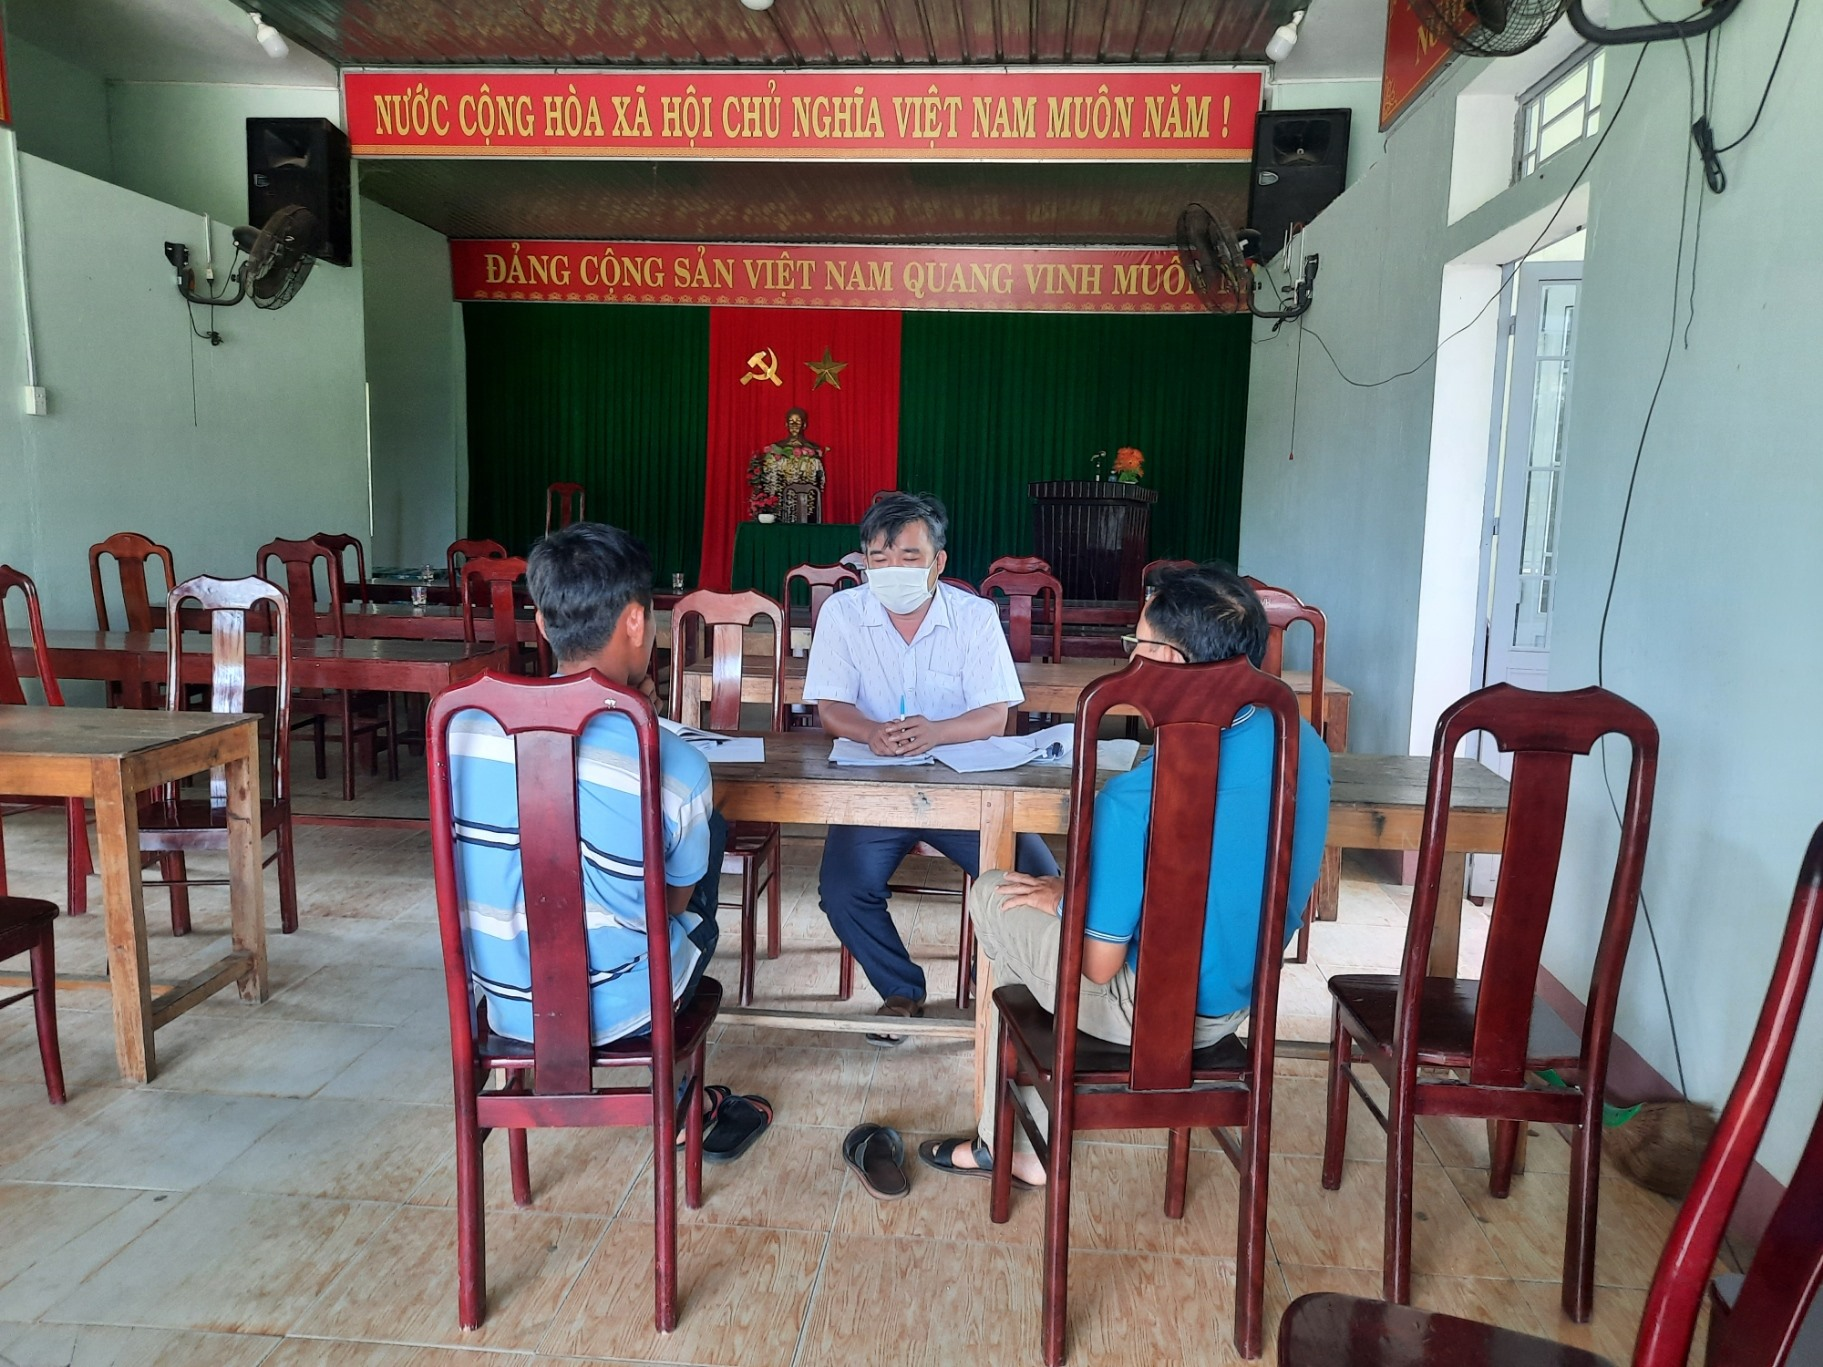 Phú Ninh sẽ mạnh tay đối với các đối tượng khai thác vàng trái phép trên đất rừng sản xuất. (Trong ảnh: Ngày 23.6, Cơ quan chuyên môn huyện Phú Ninh làm việc, lập biên bản vi phạm đối với các hộ dân có hoạt động san gạc, lấy đất để làm vàng trái phép trên đất lâm nghiệp)